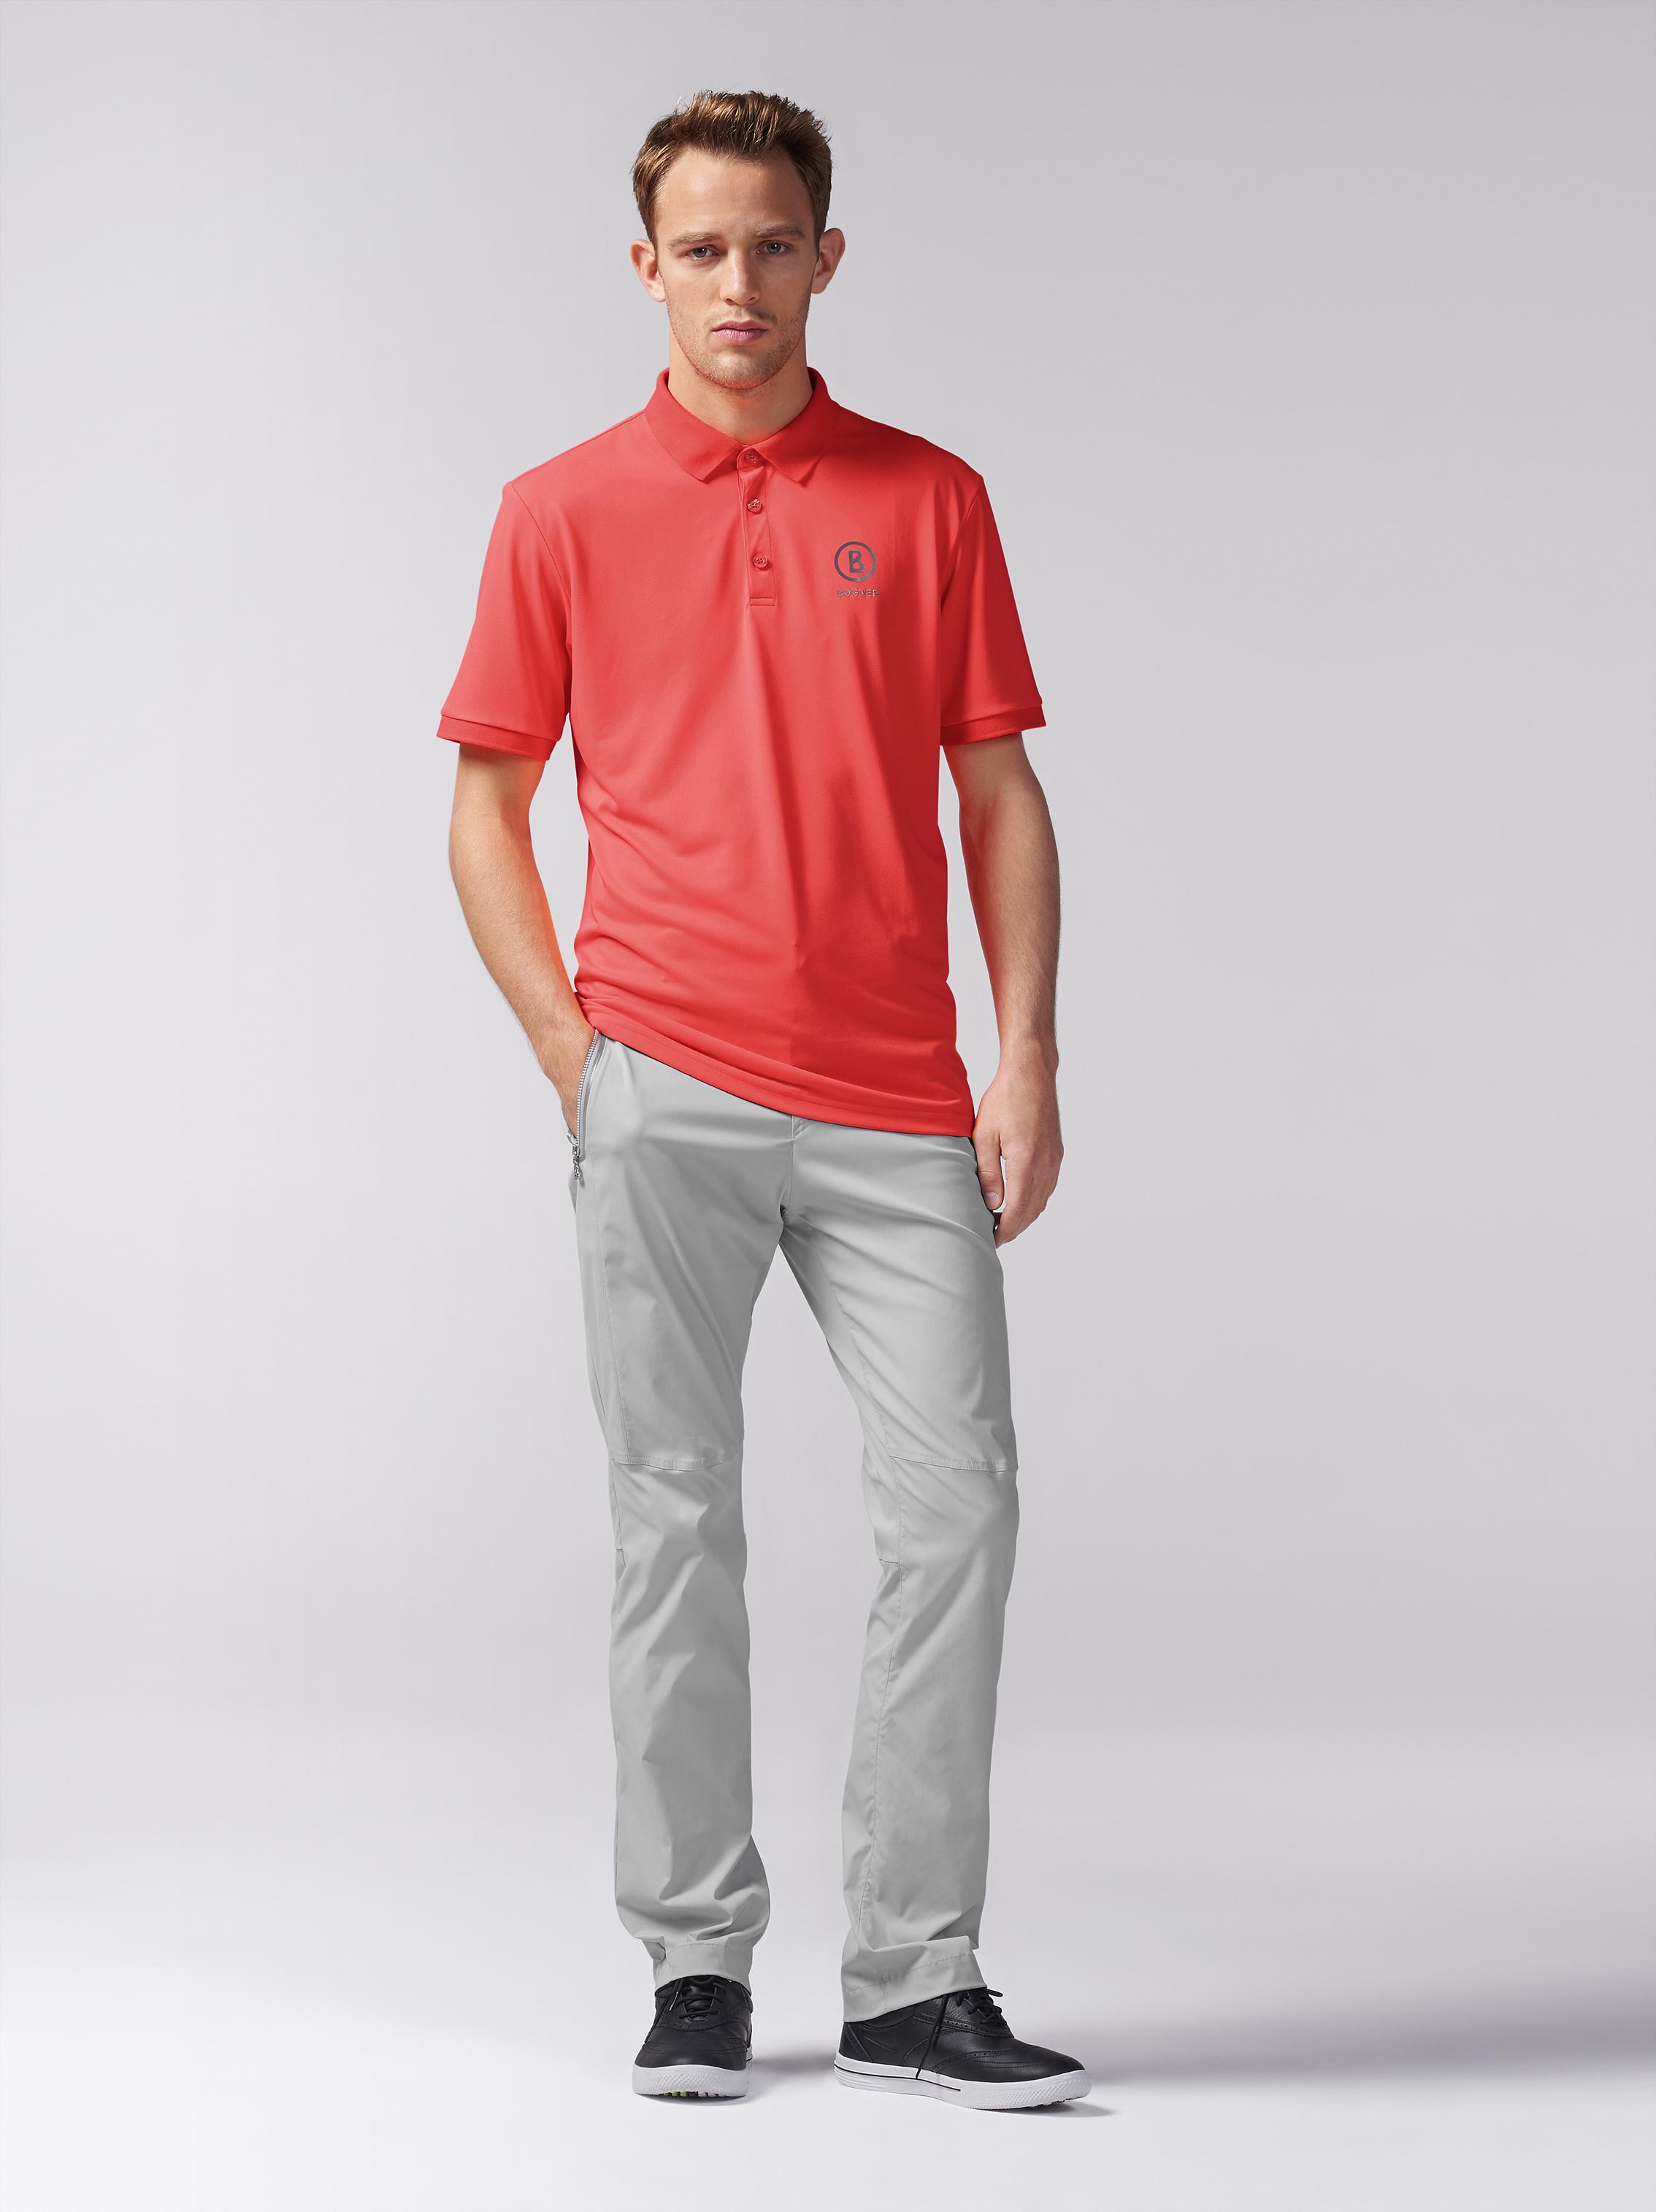 Mans Shirt Bogner Footaction Sale Online LKd4R0e